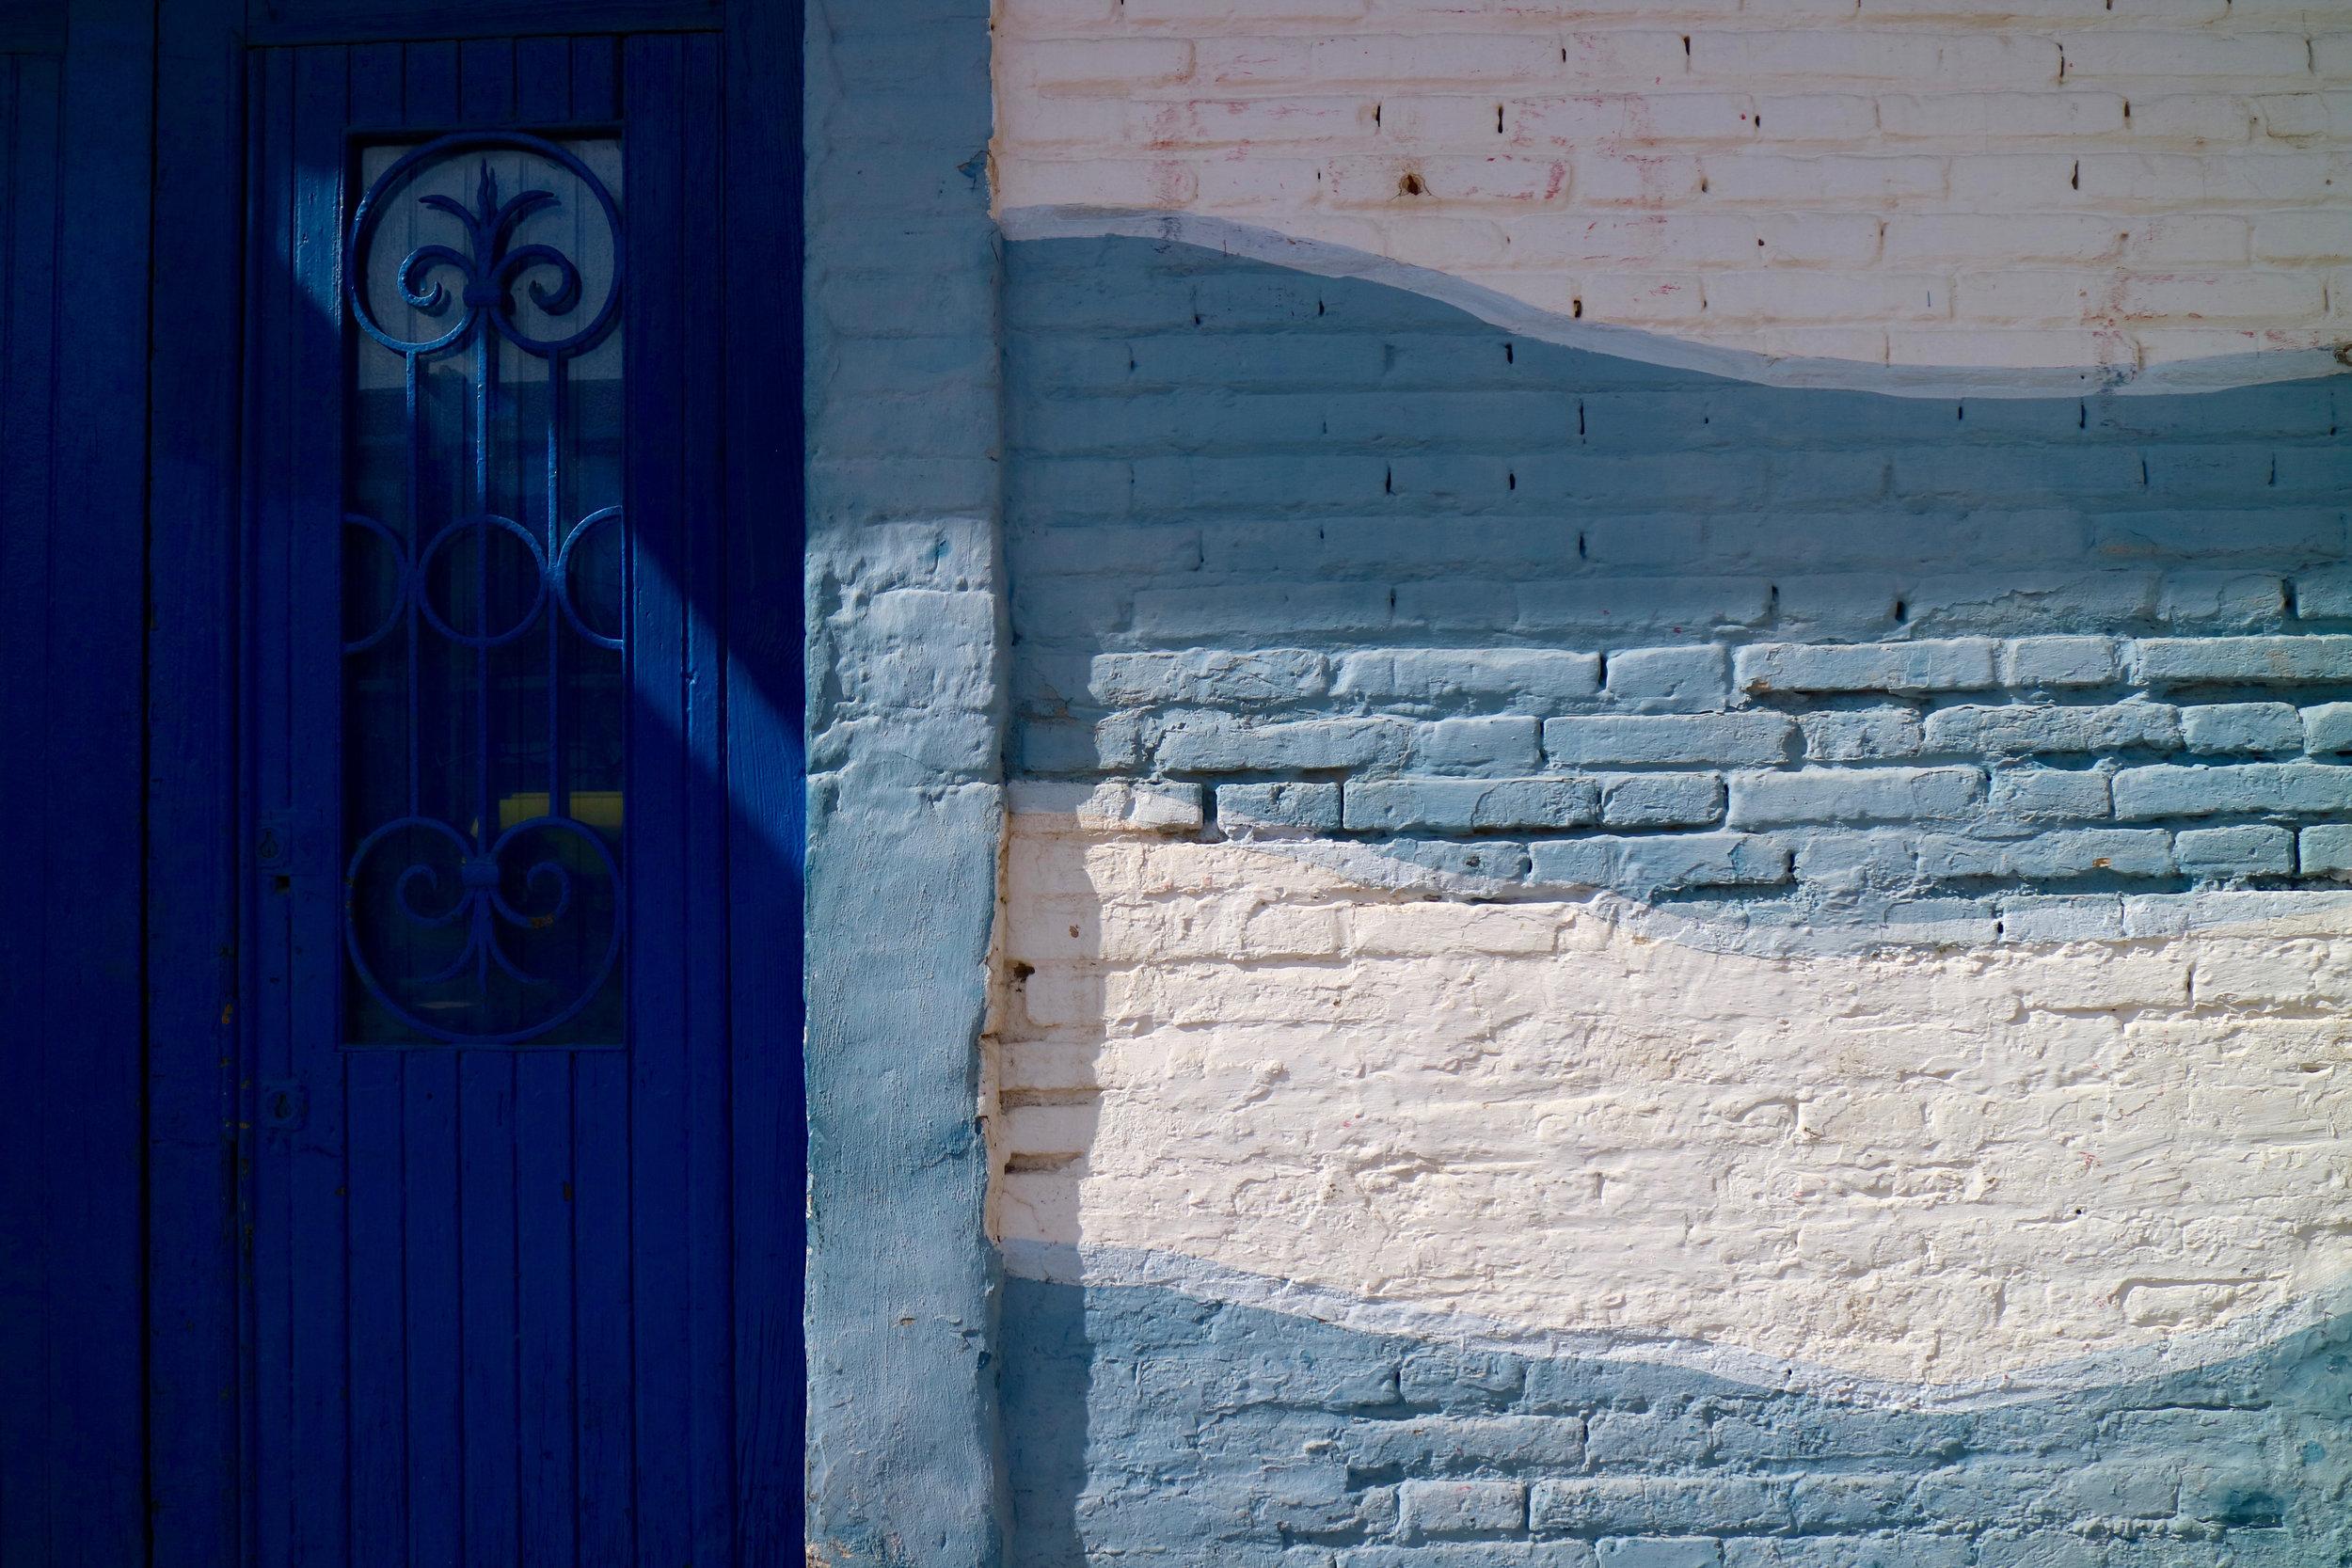 puerta y onda azul  valència / comunidad valencia